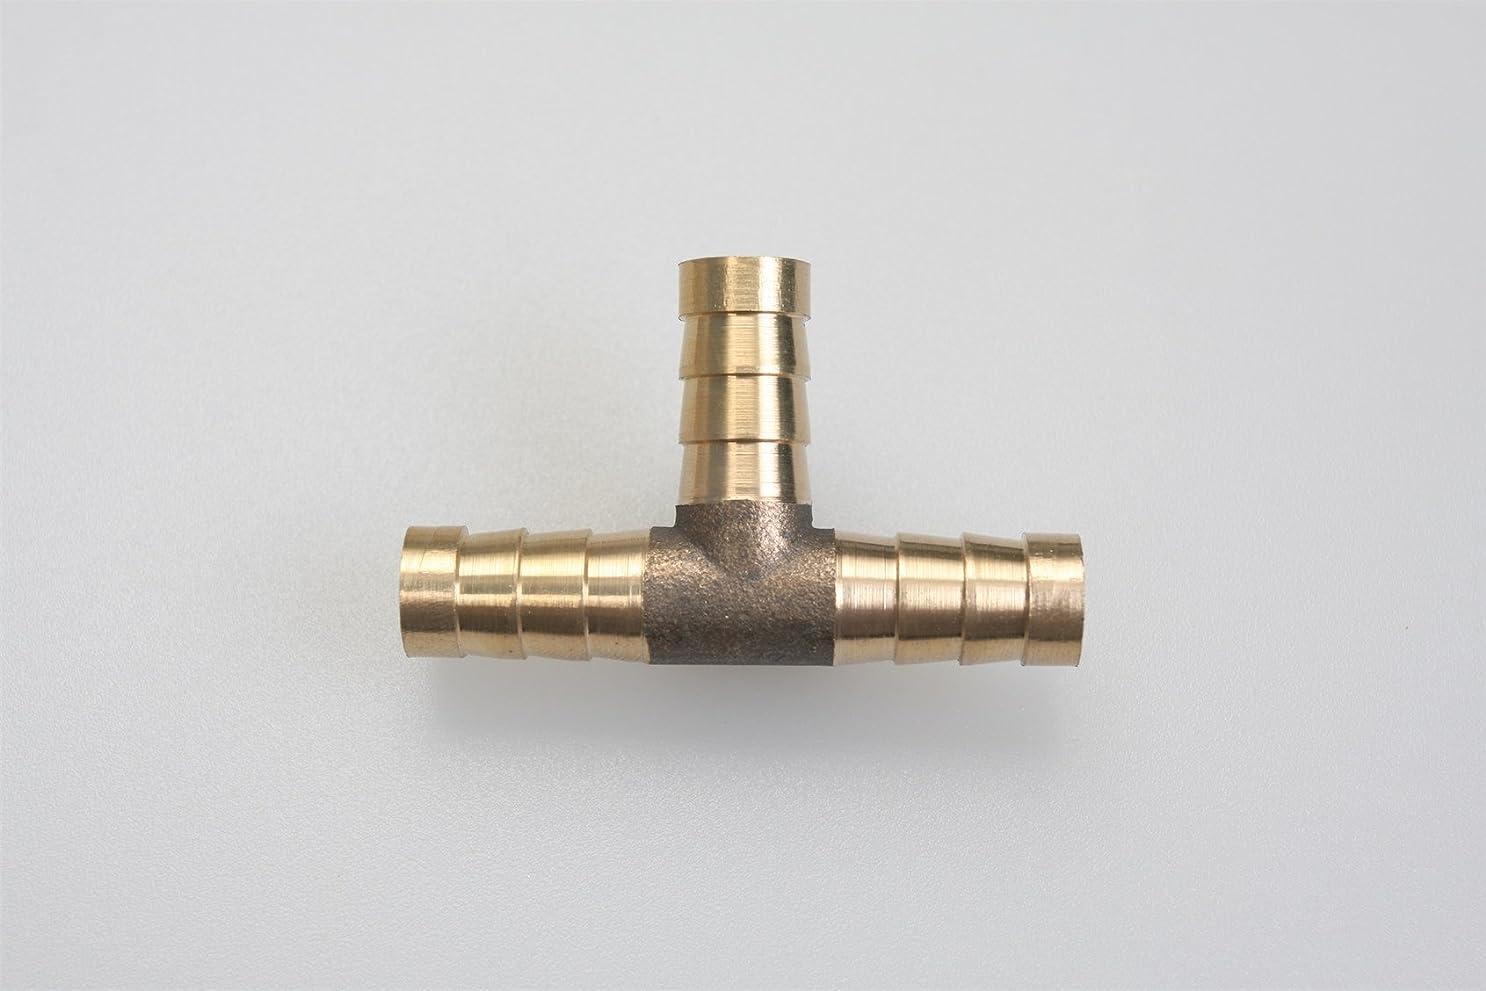 良心ちなみに磨かれた真鍮銅 T型ホースジョイントパイプ スリーウエイ外径6mm